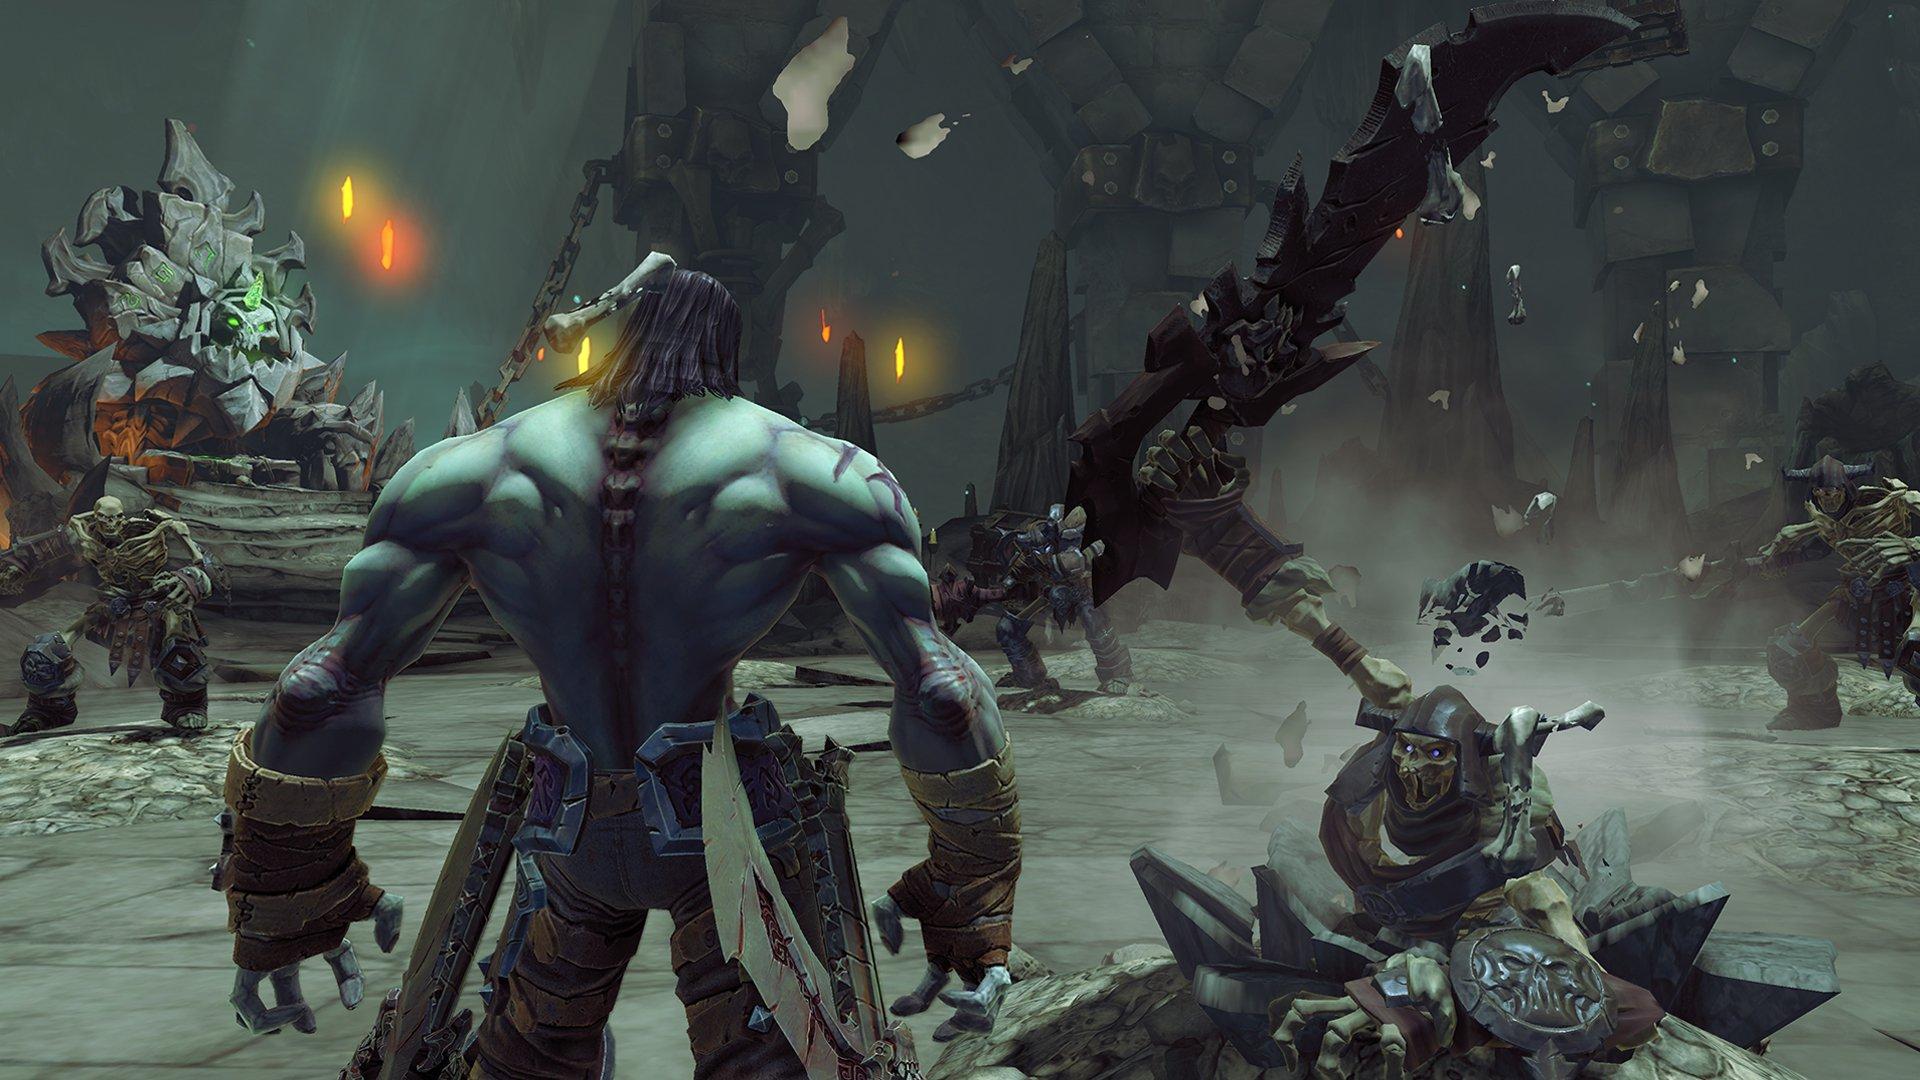 عناوین Darksiders I & II بروزرسانی Xbox One X را دریافت میکنند; هر 2 عنوان با کیفیت 4K و نرخ 60 فریم بر ثانیه اجرا خواهند شد